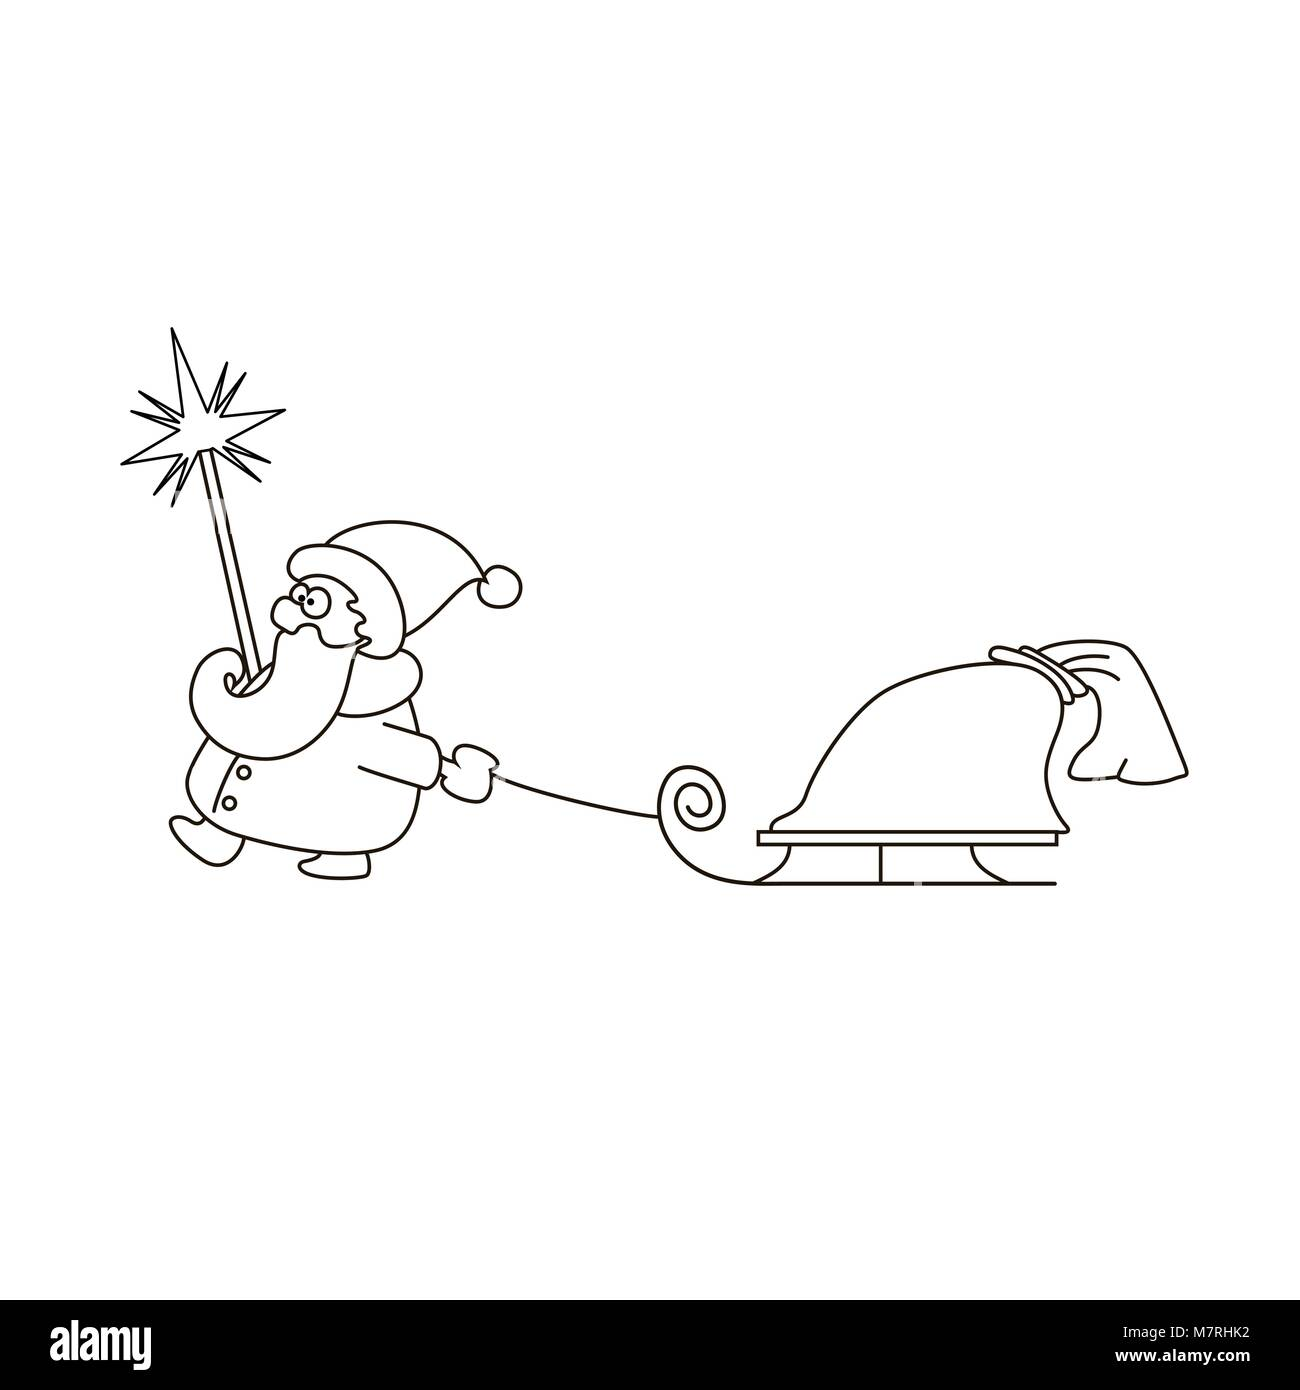 Illustrazione Vettoriale Lineare Di Babbo Natale Con La Slitta E La